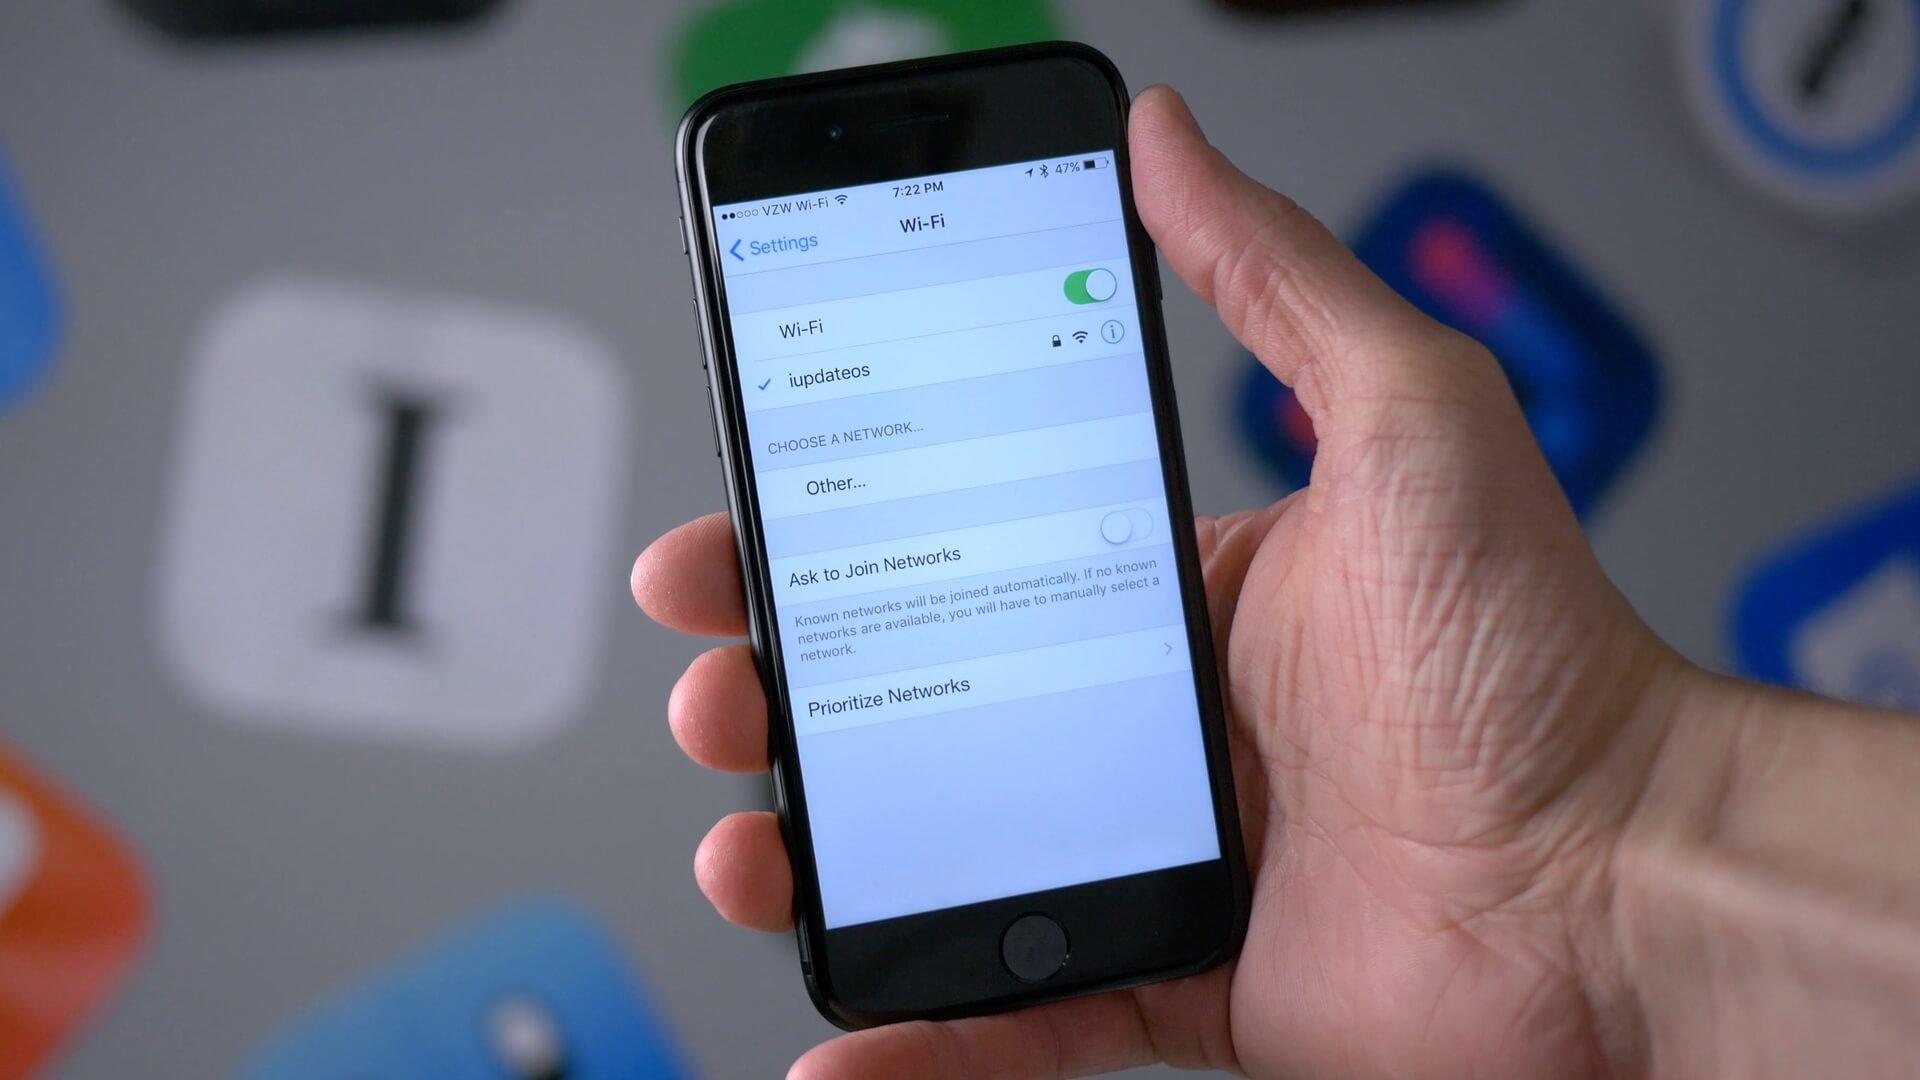 Как позволить гостям подключаться к вашей сети Wi-Fi, сканируя QR-код